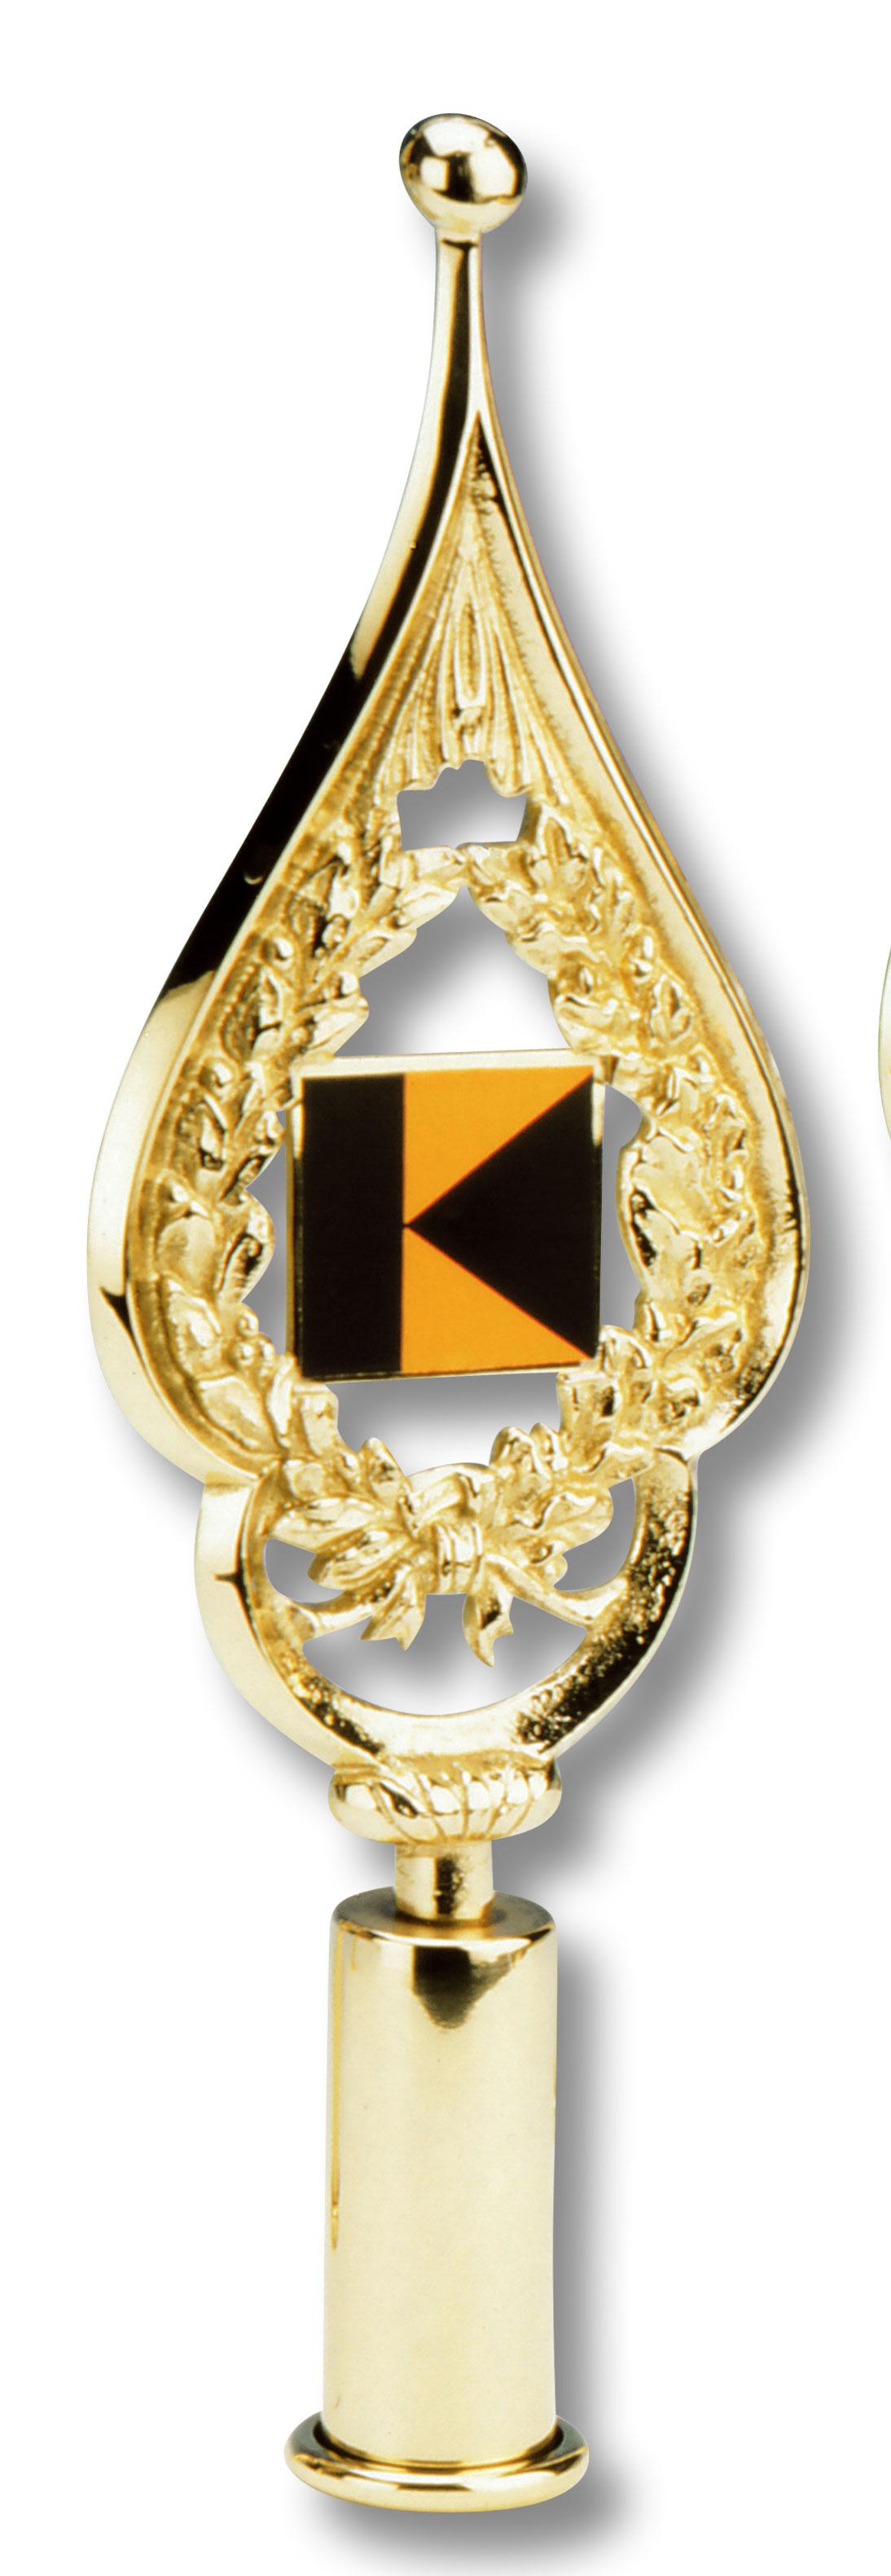 Schwarz-orangenes Kolping-Logo in einem goldfarbenem, spitz zulaufendem Messingrahmen.